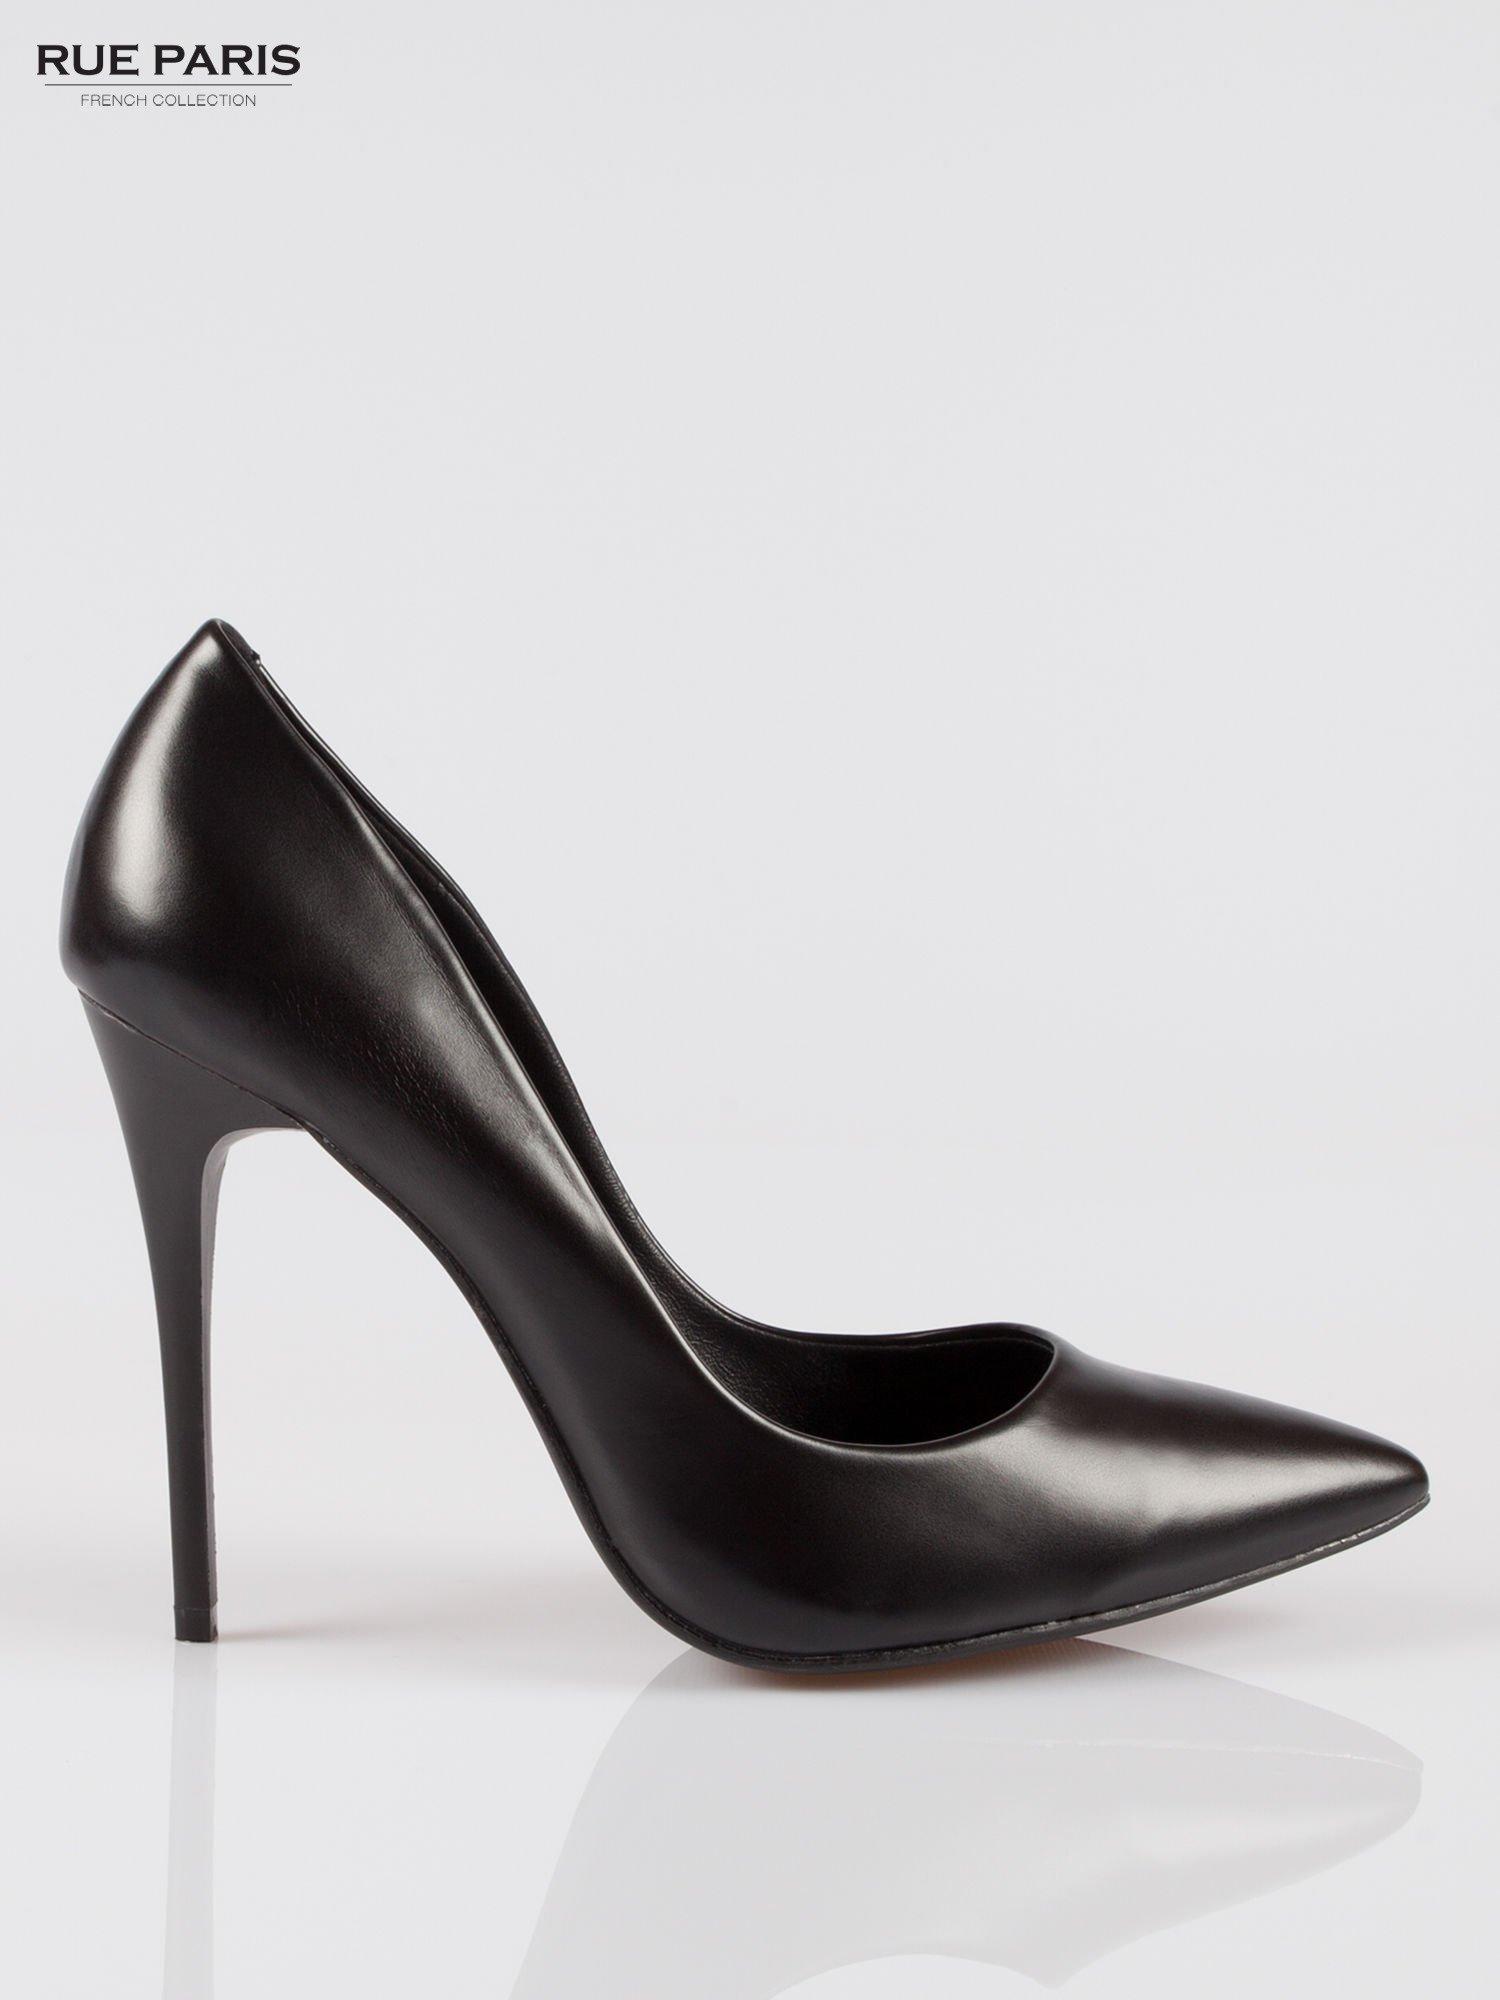 Czarne szpilki high heels z noskiem w szpic                                  zdj.                                  1